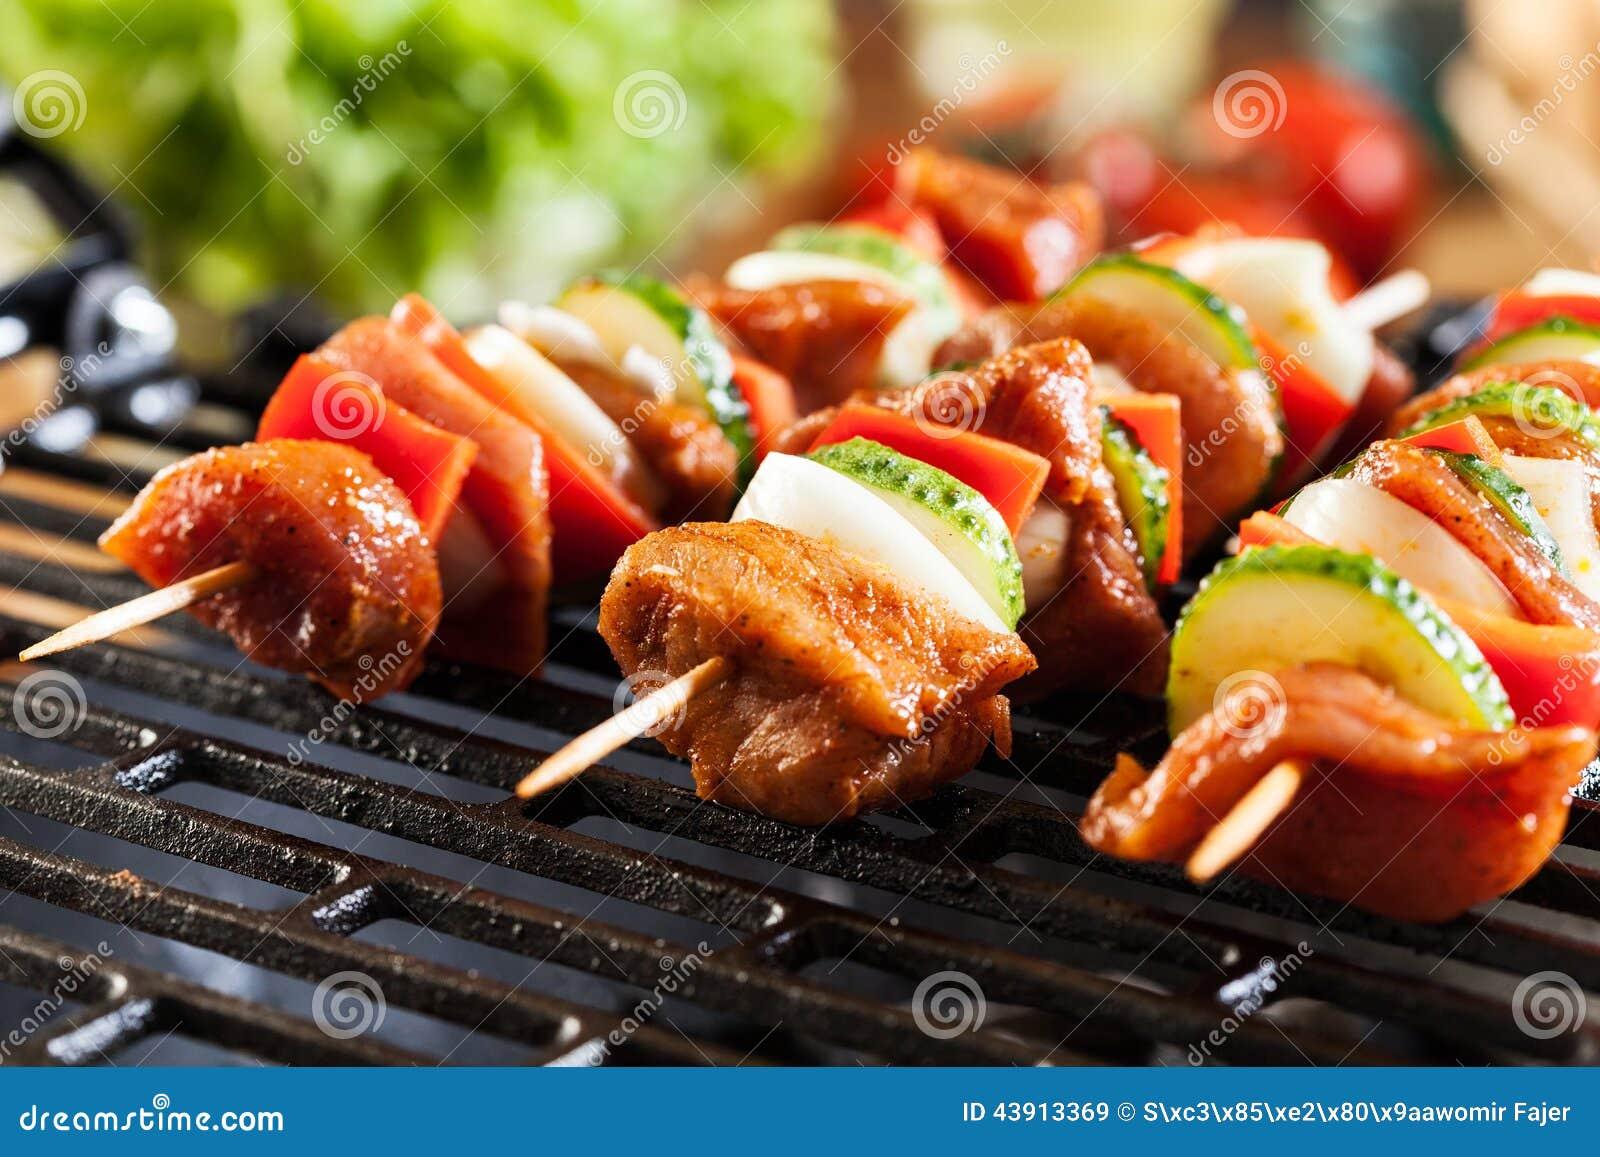 Griller le shashlik sur le gril de barbecue